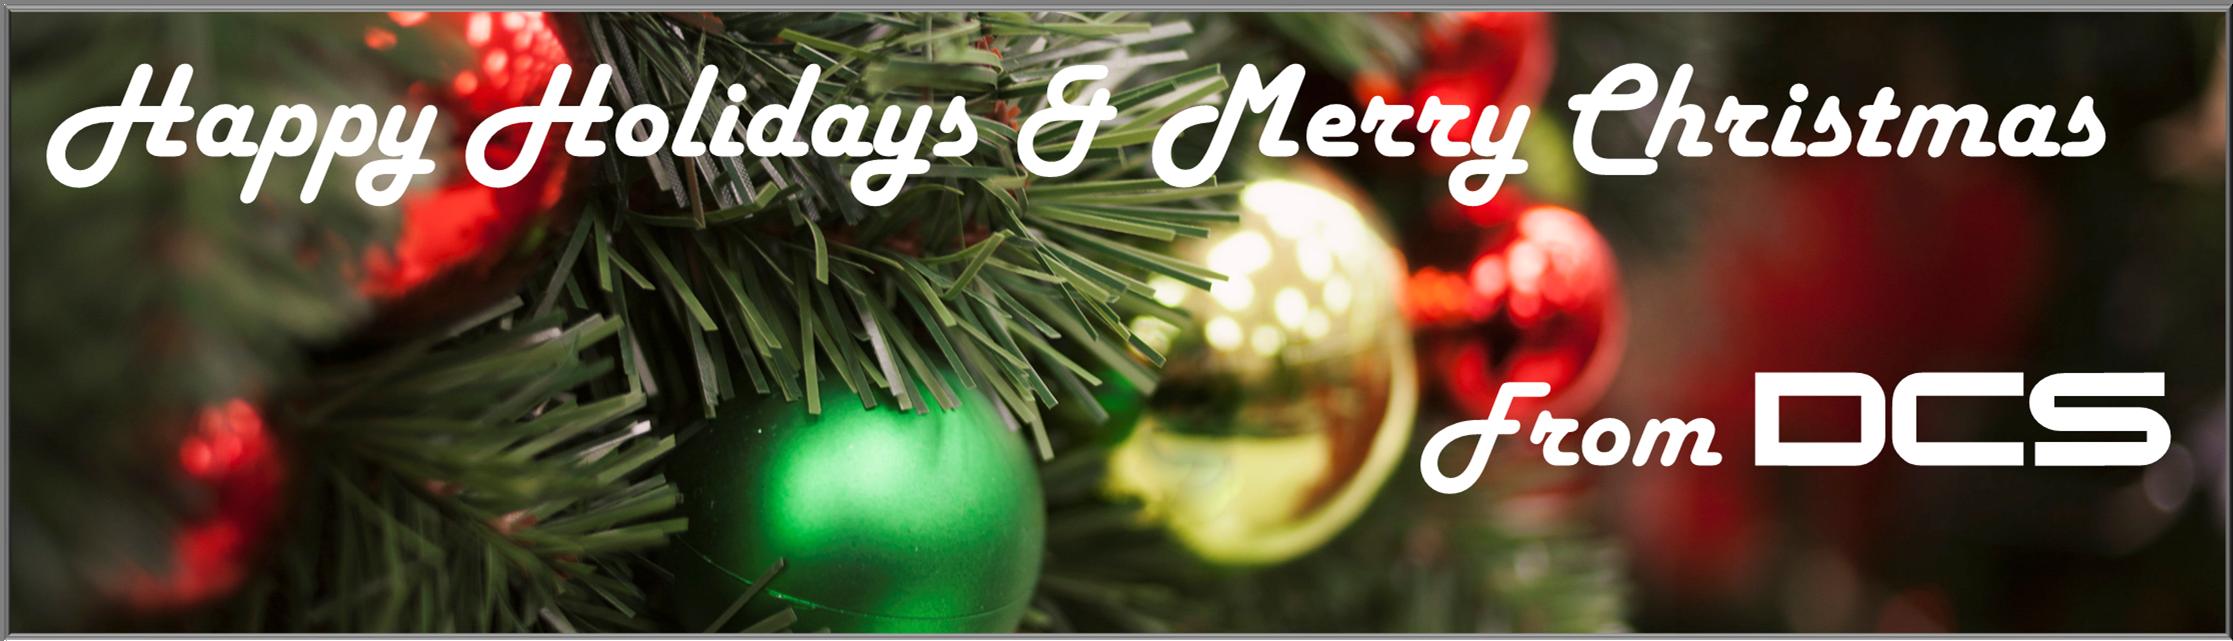 Happy Holidays from DCS